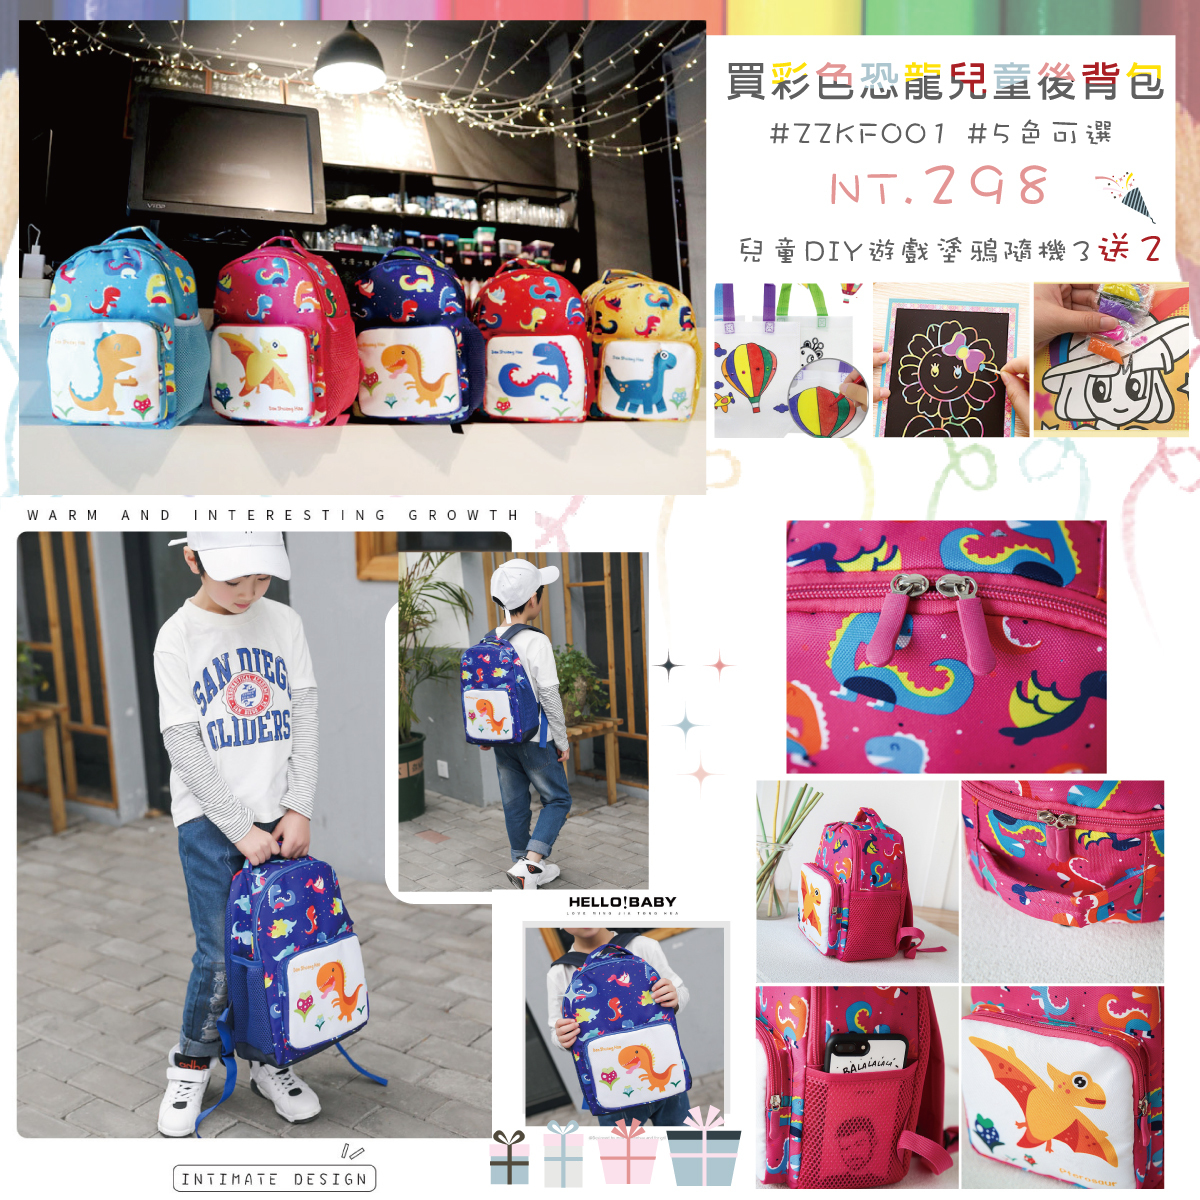 買兒童後背包ZZKF001,送DIY遊戲彩繪組三選二(隨機出)